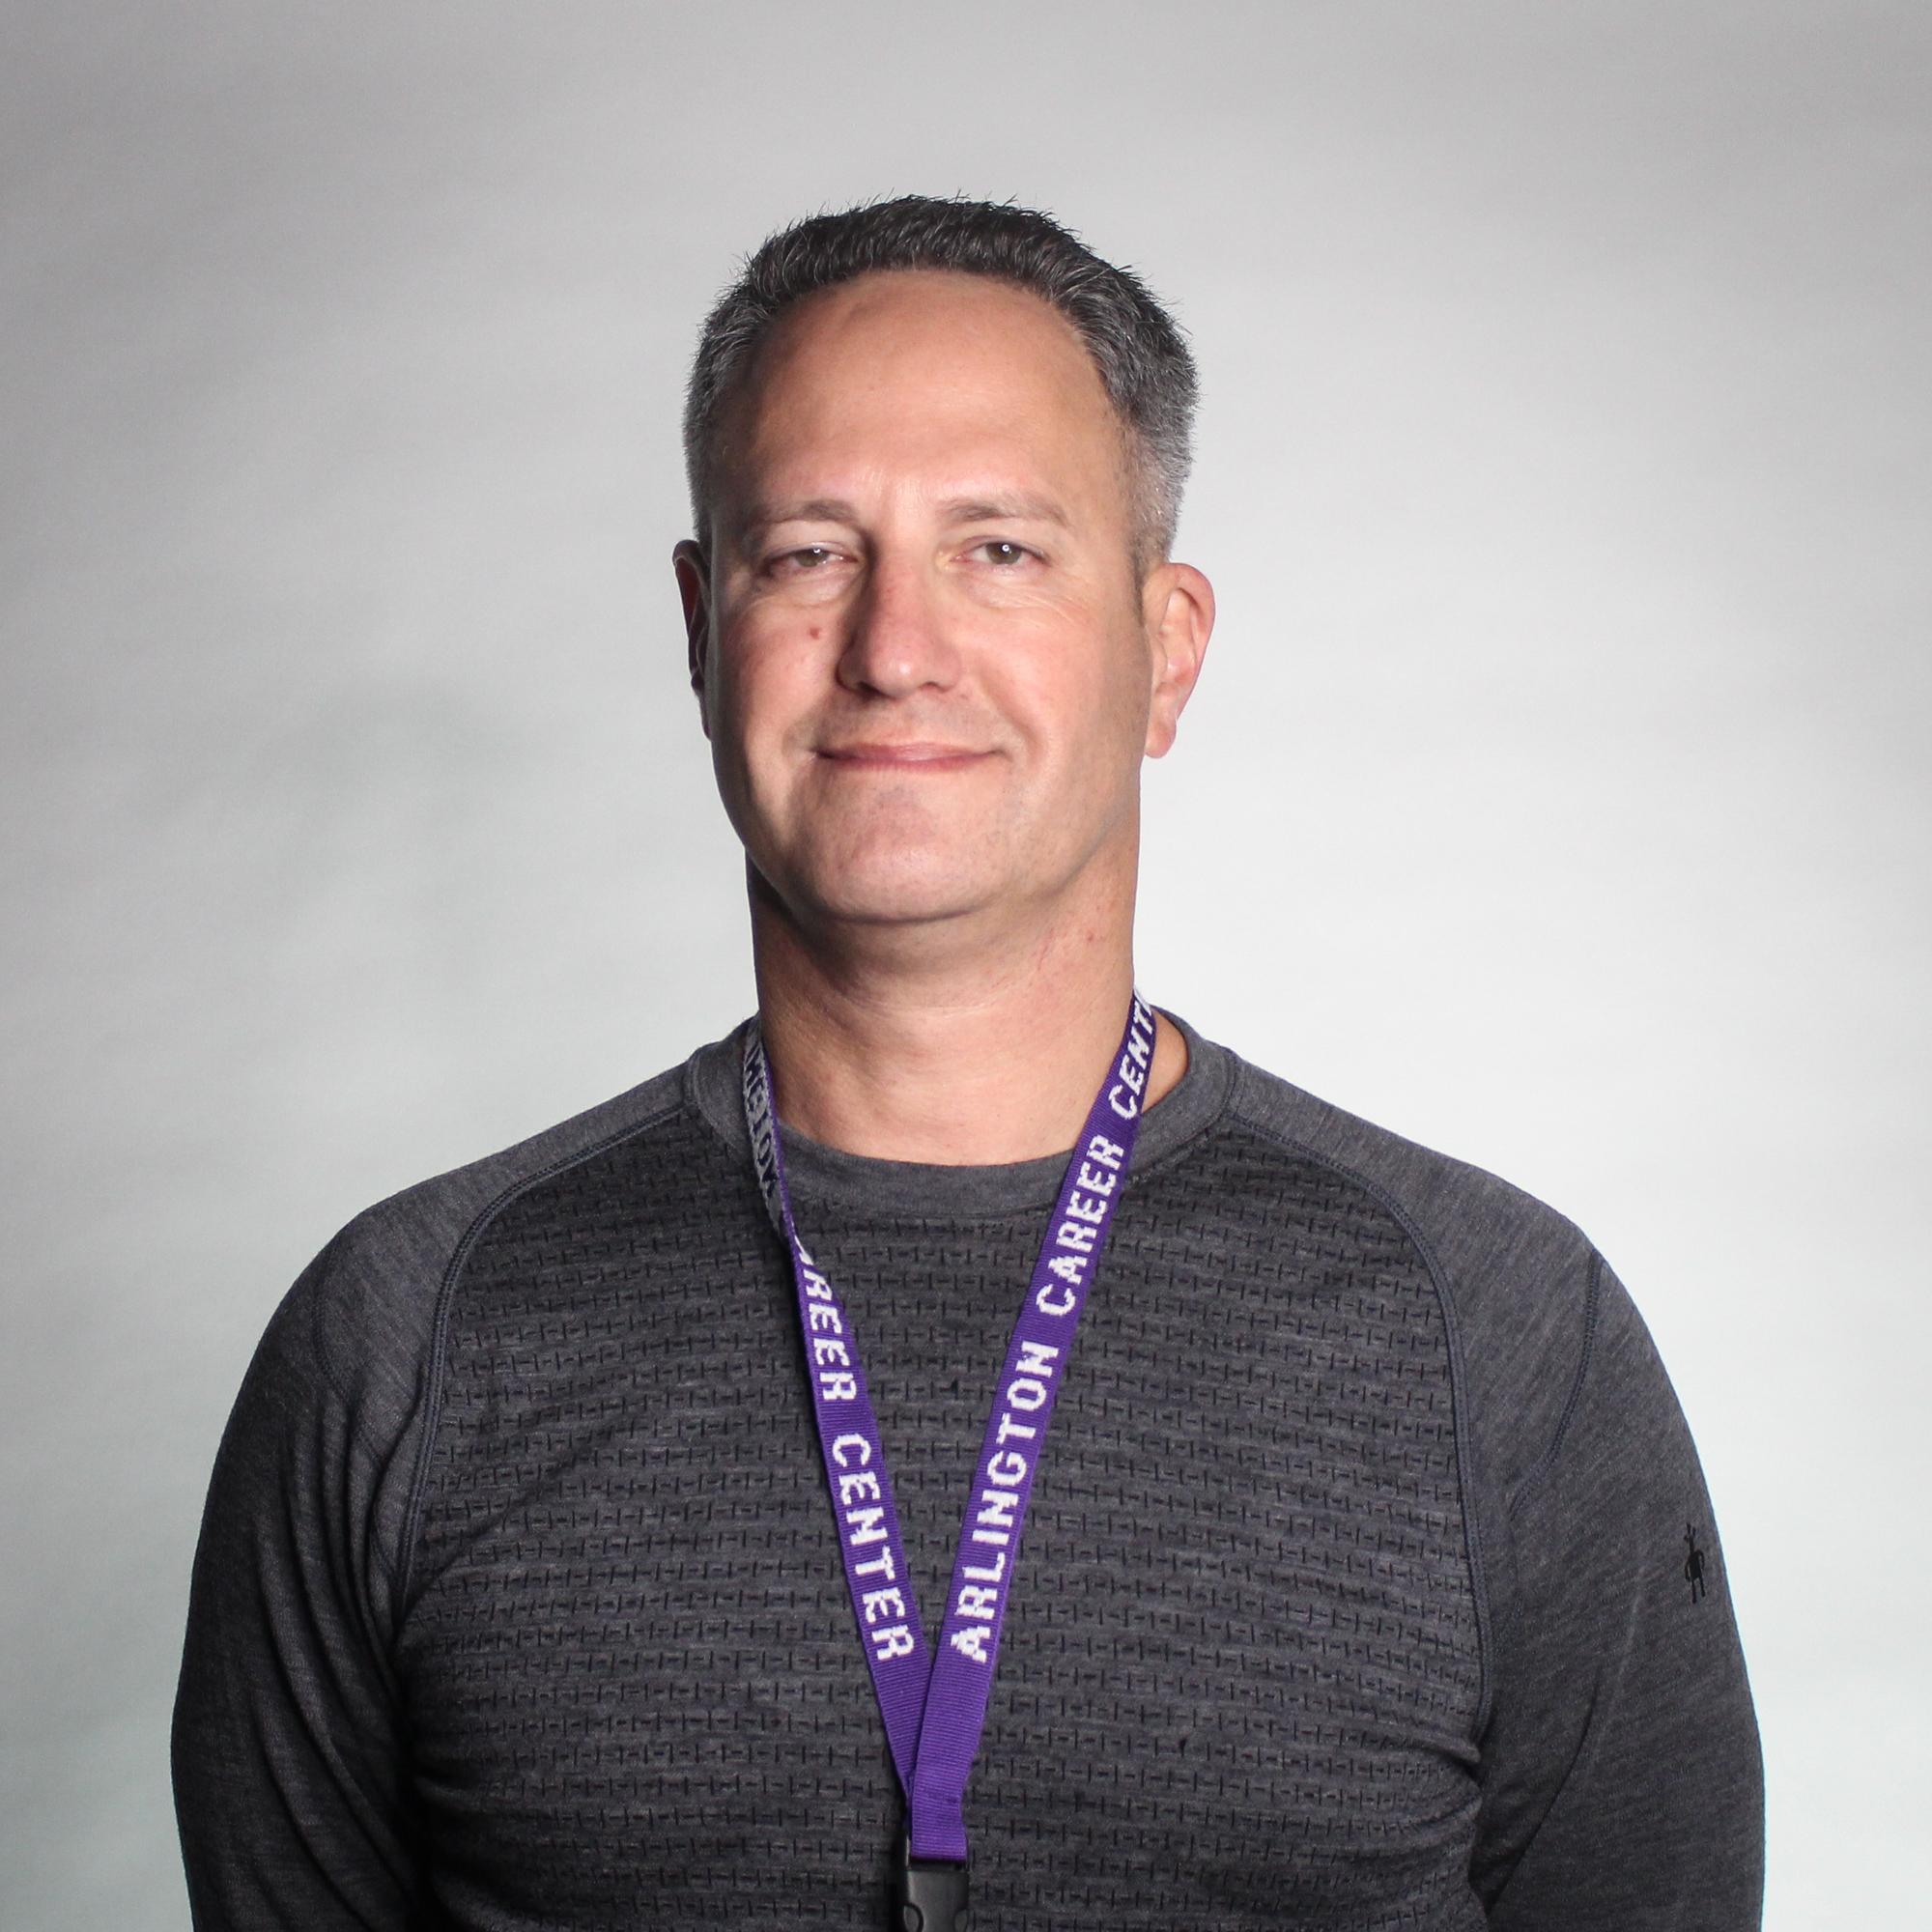 Mr. Adam Entenberg